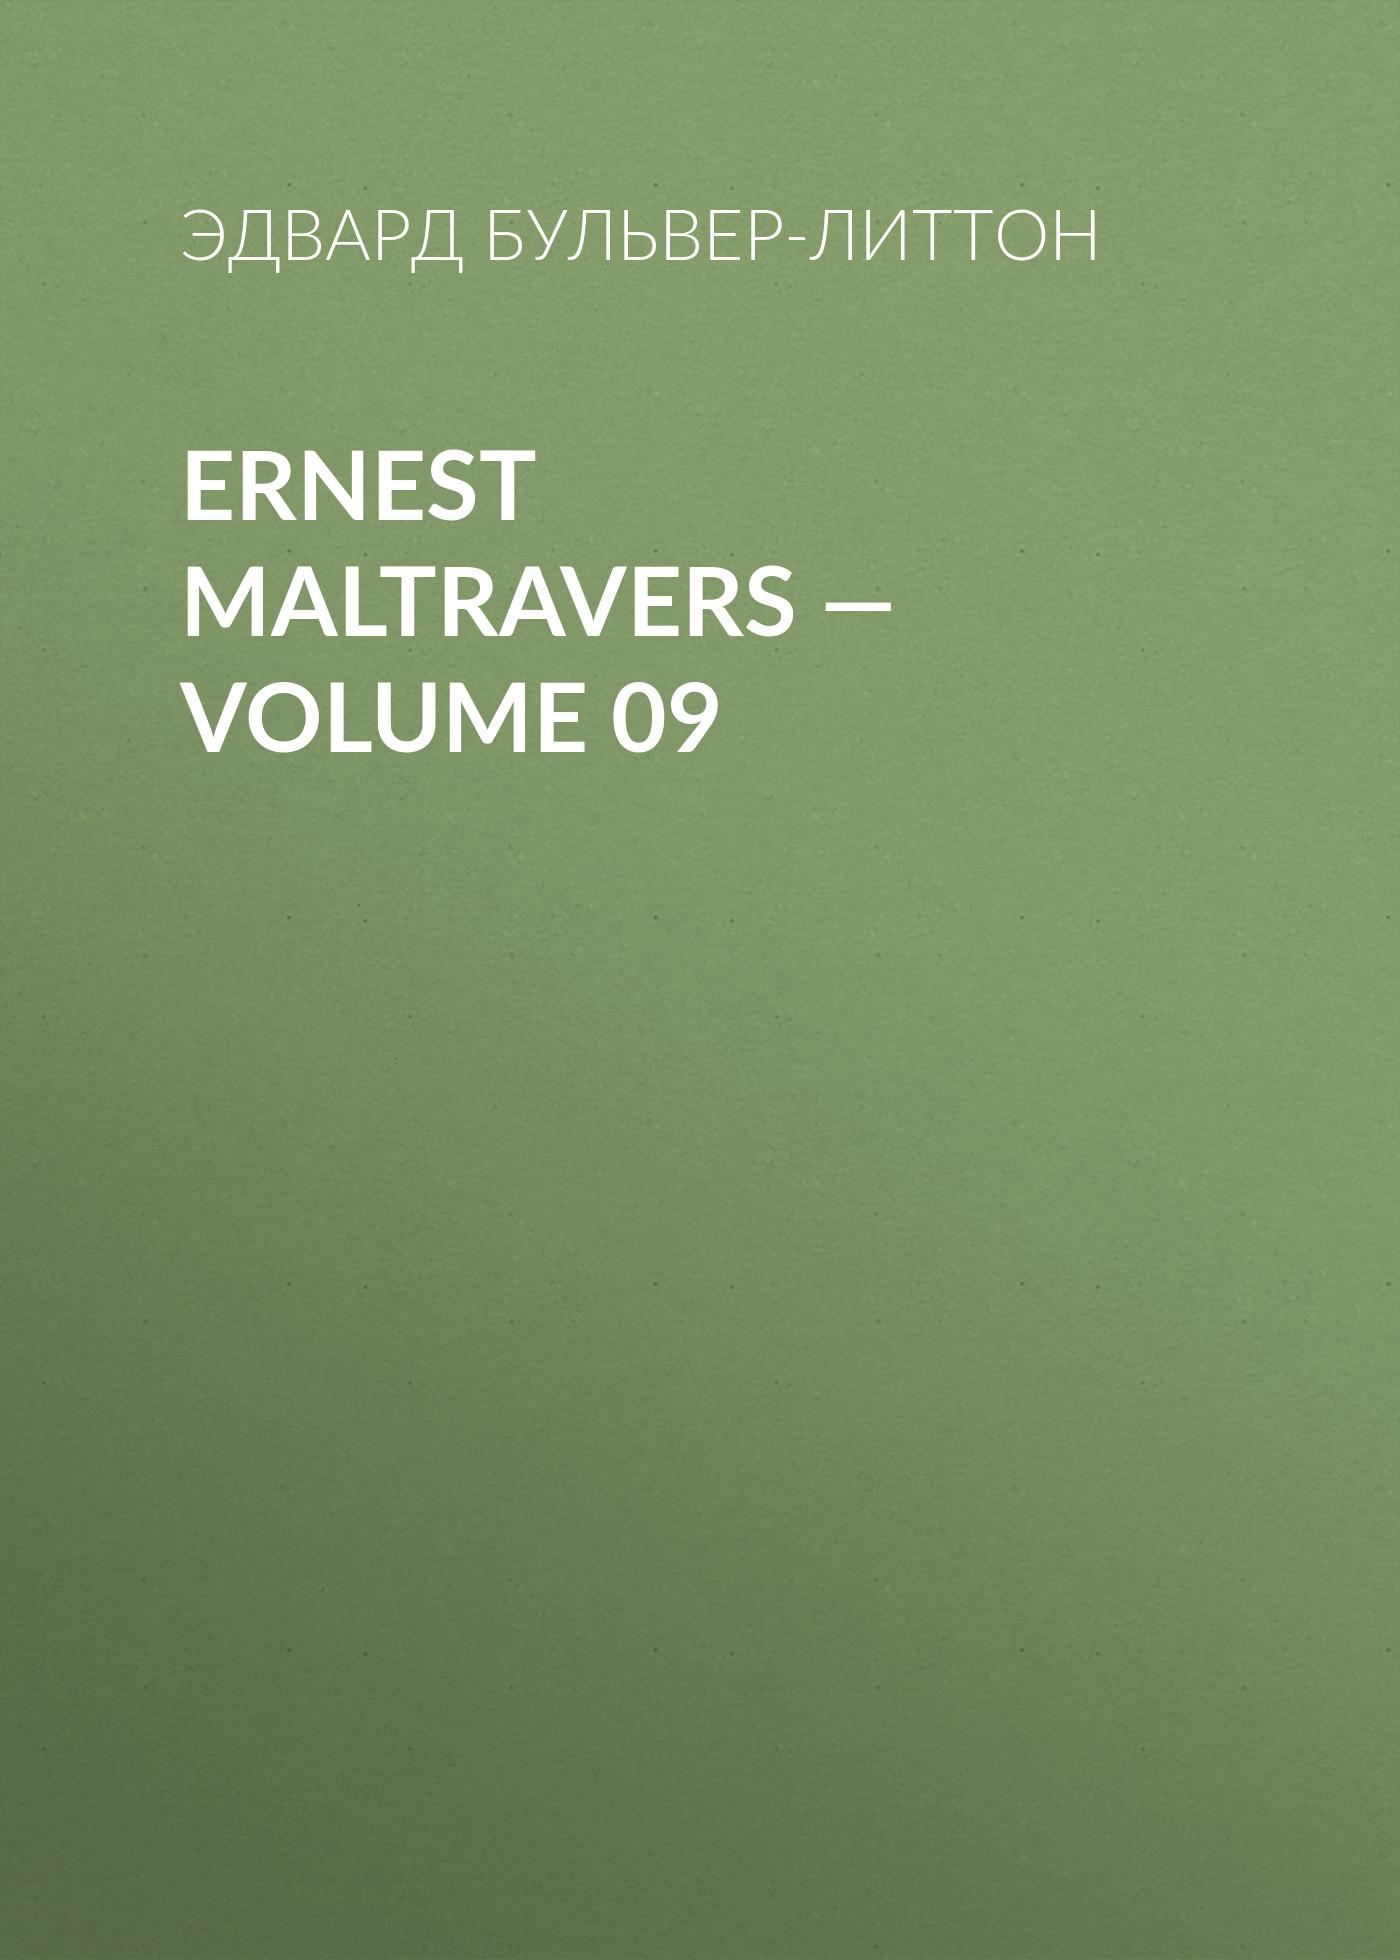 Эдвард Бульвер-Литтон Ernest Maltravers — Volume 09 эдвард бульвер литтон ernest maltravers volume 02